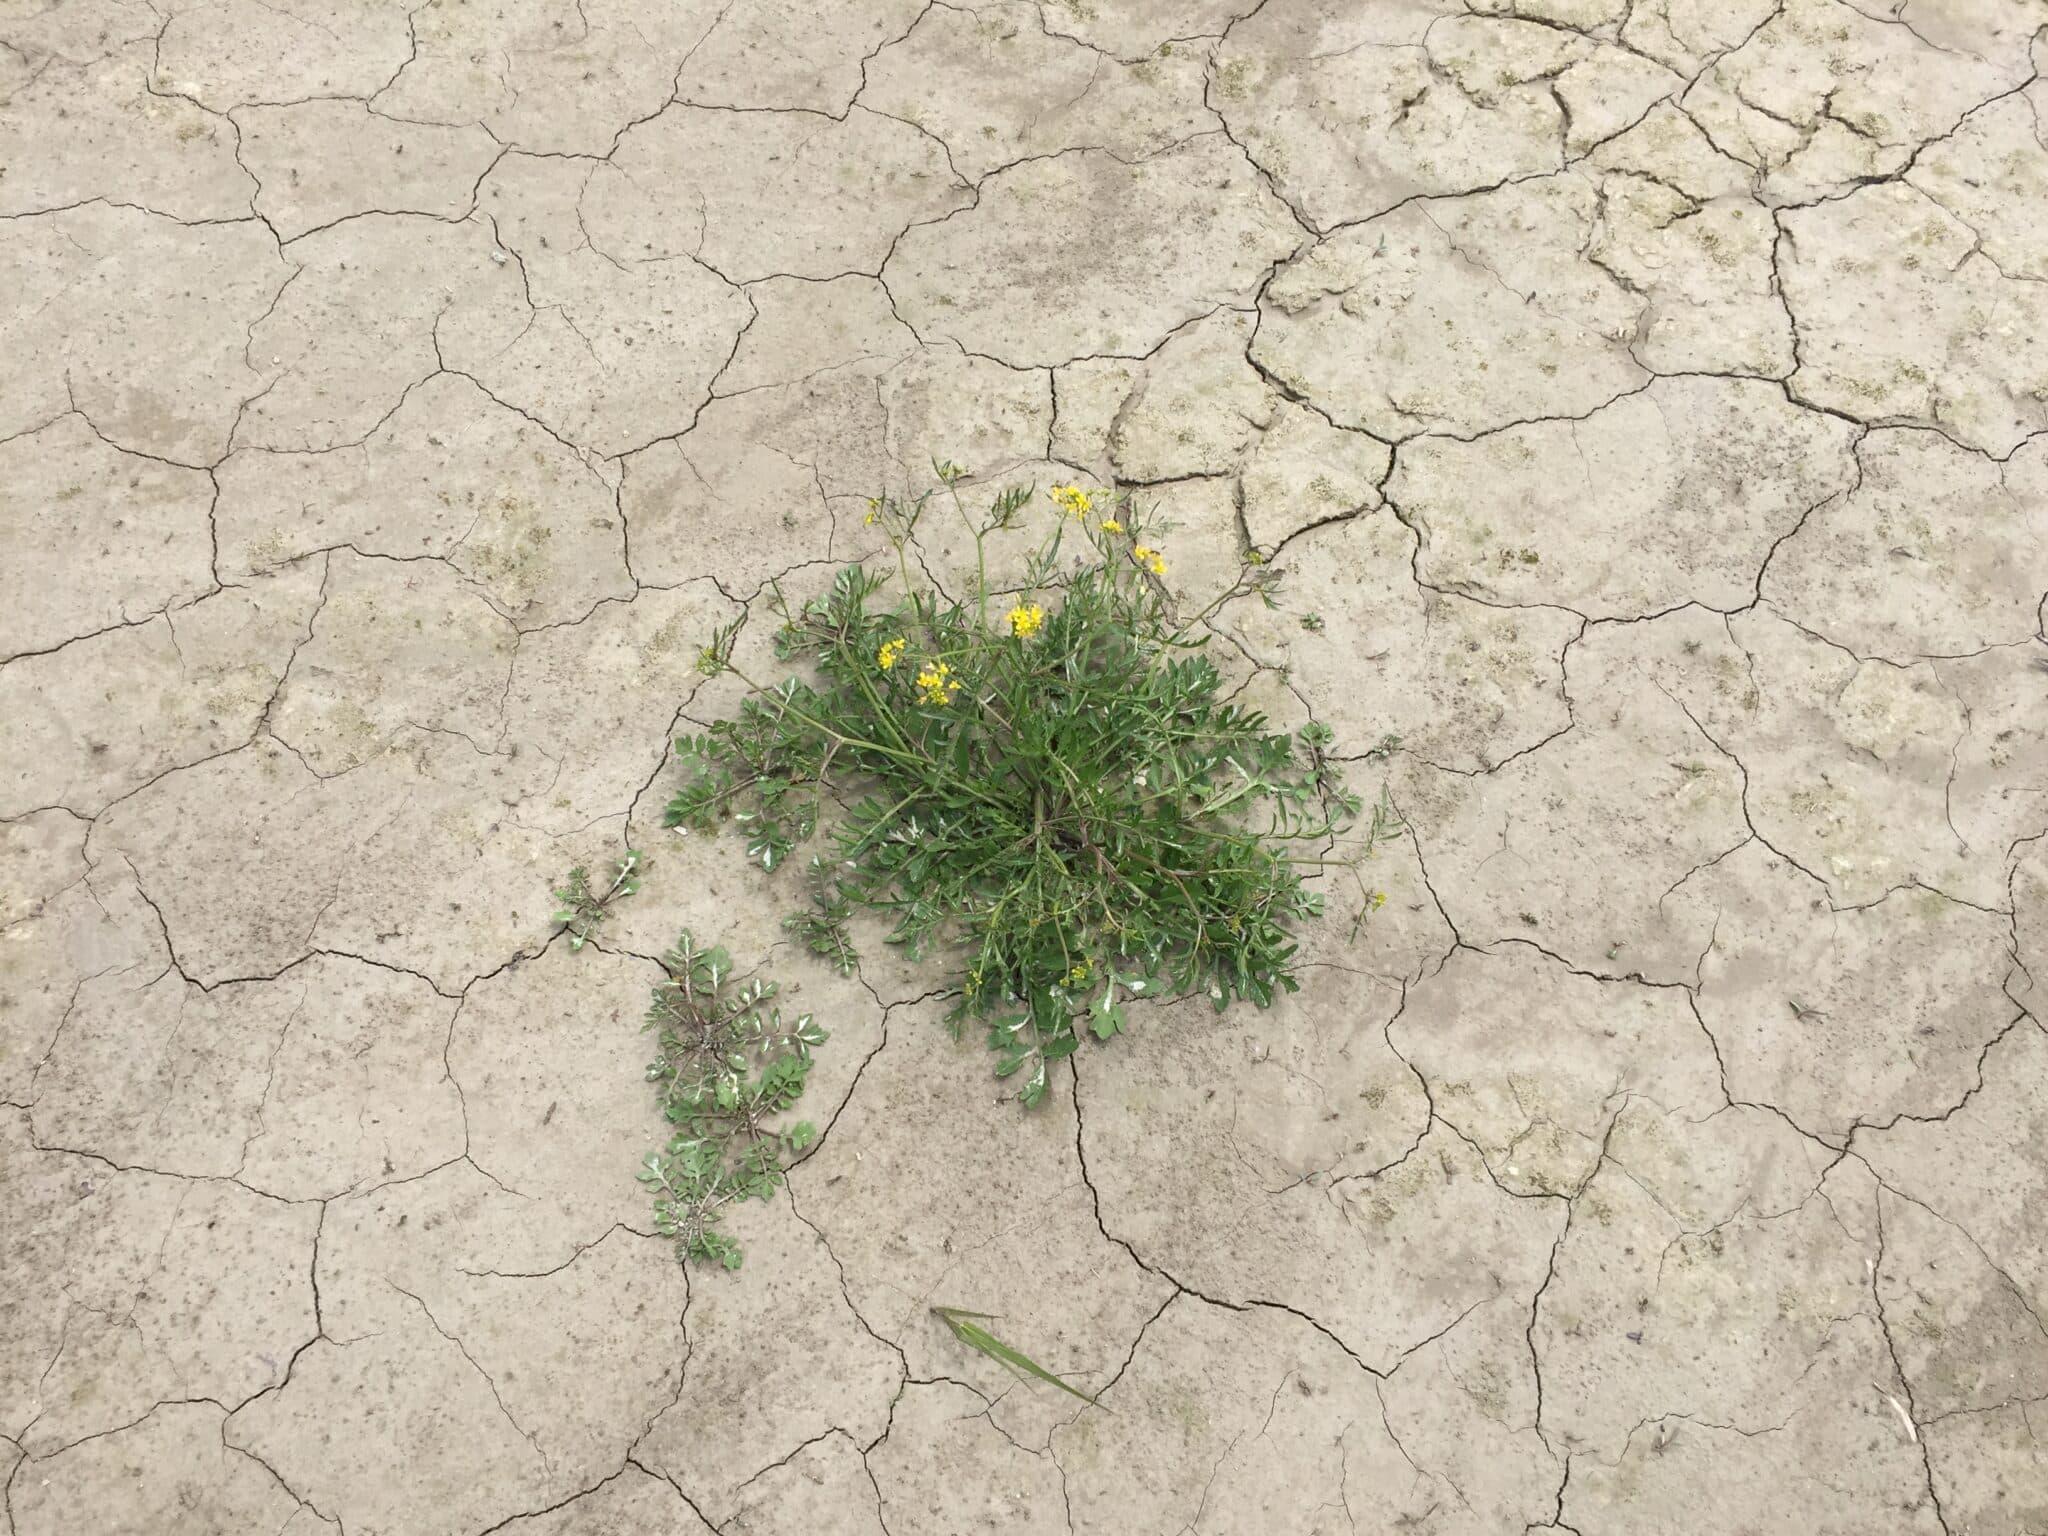 Foto Klimaanpassung